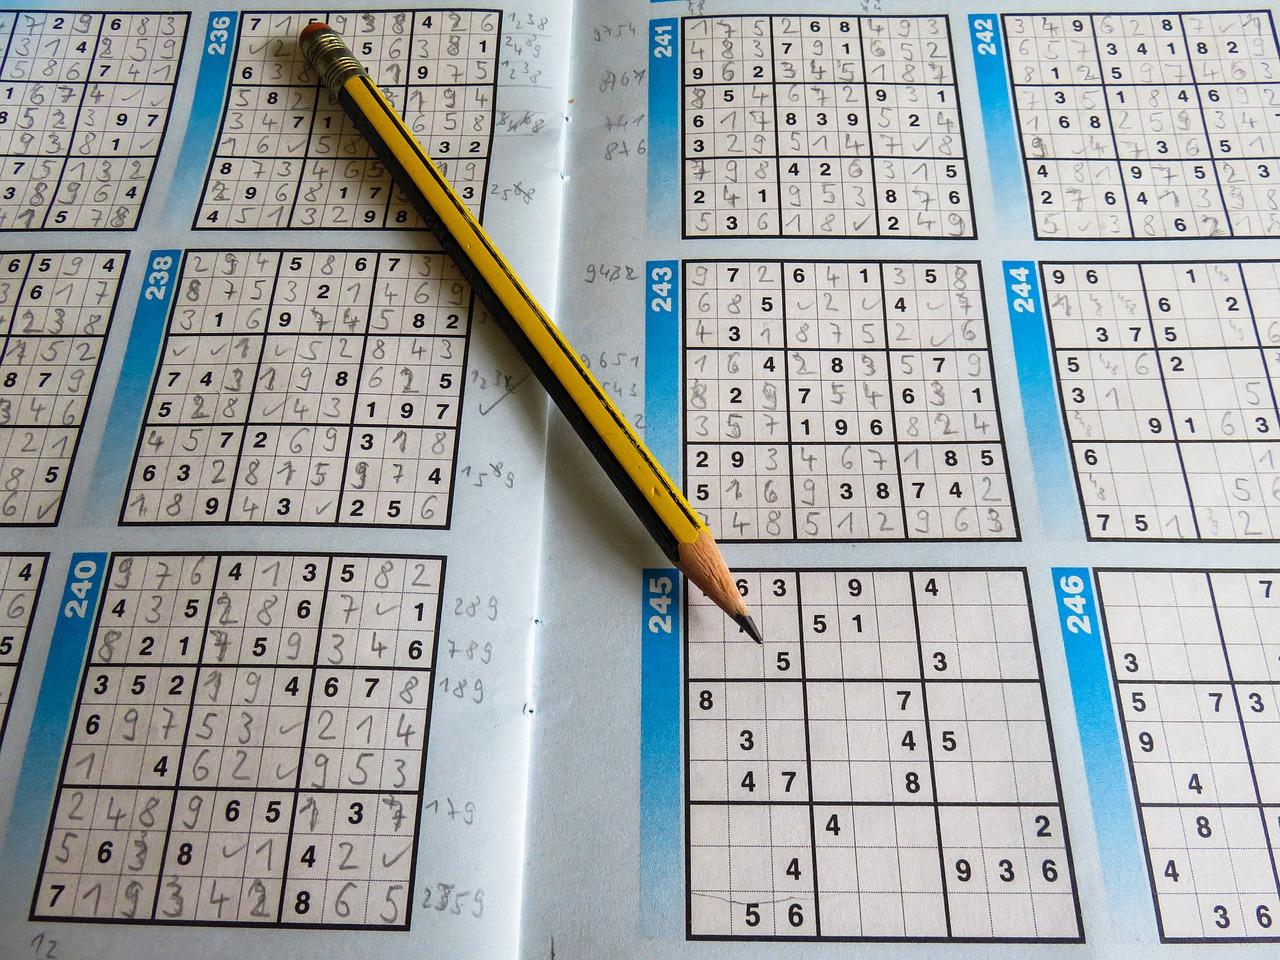 レジャー パズル 数独 鉛筆 料金 難しい お支払い 組み合わせ ロジック 忍耐 解決する